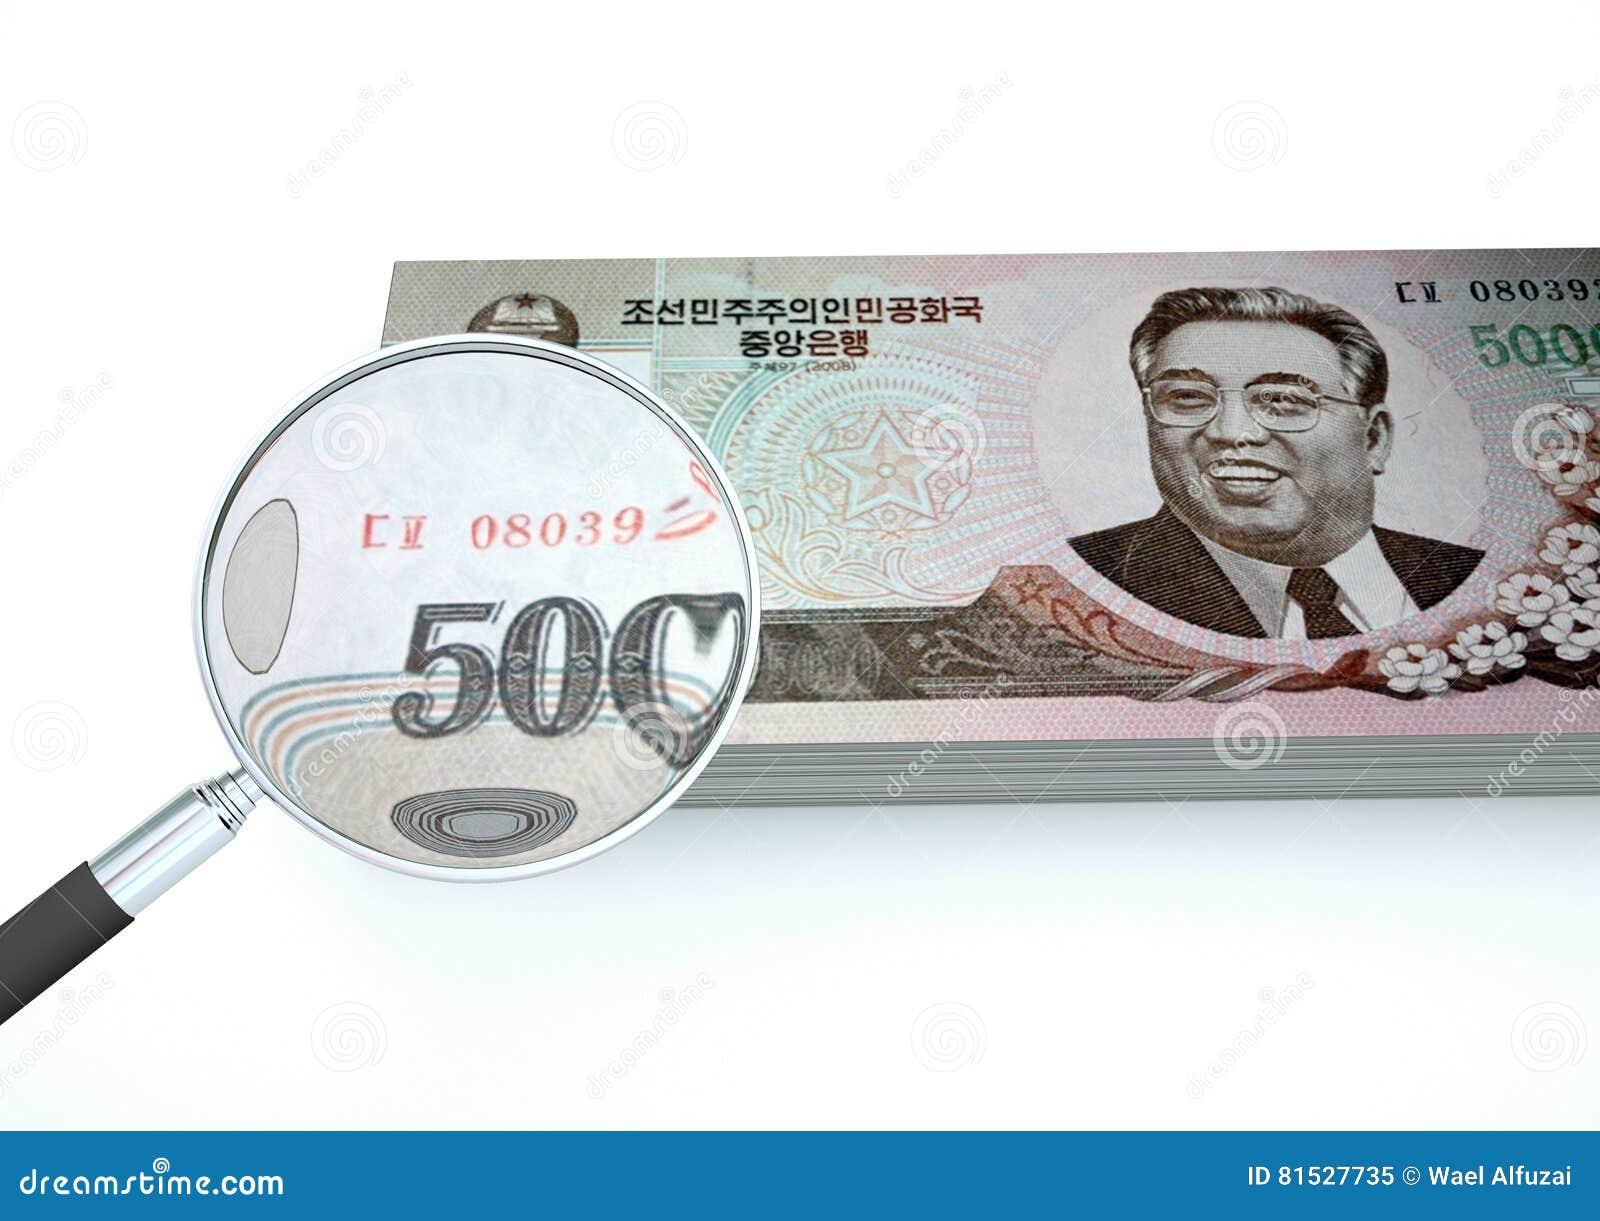 3D übertragenes nordkoreanisches Geld mit dem Vergrößerungsglas forschen Währung lokalisiert auf weißem Hintergrund nach